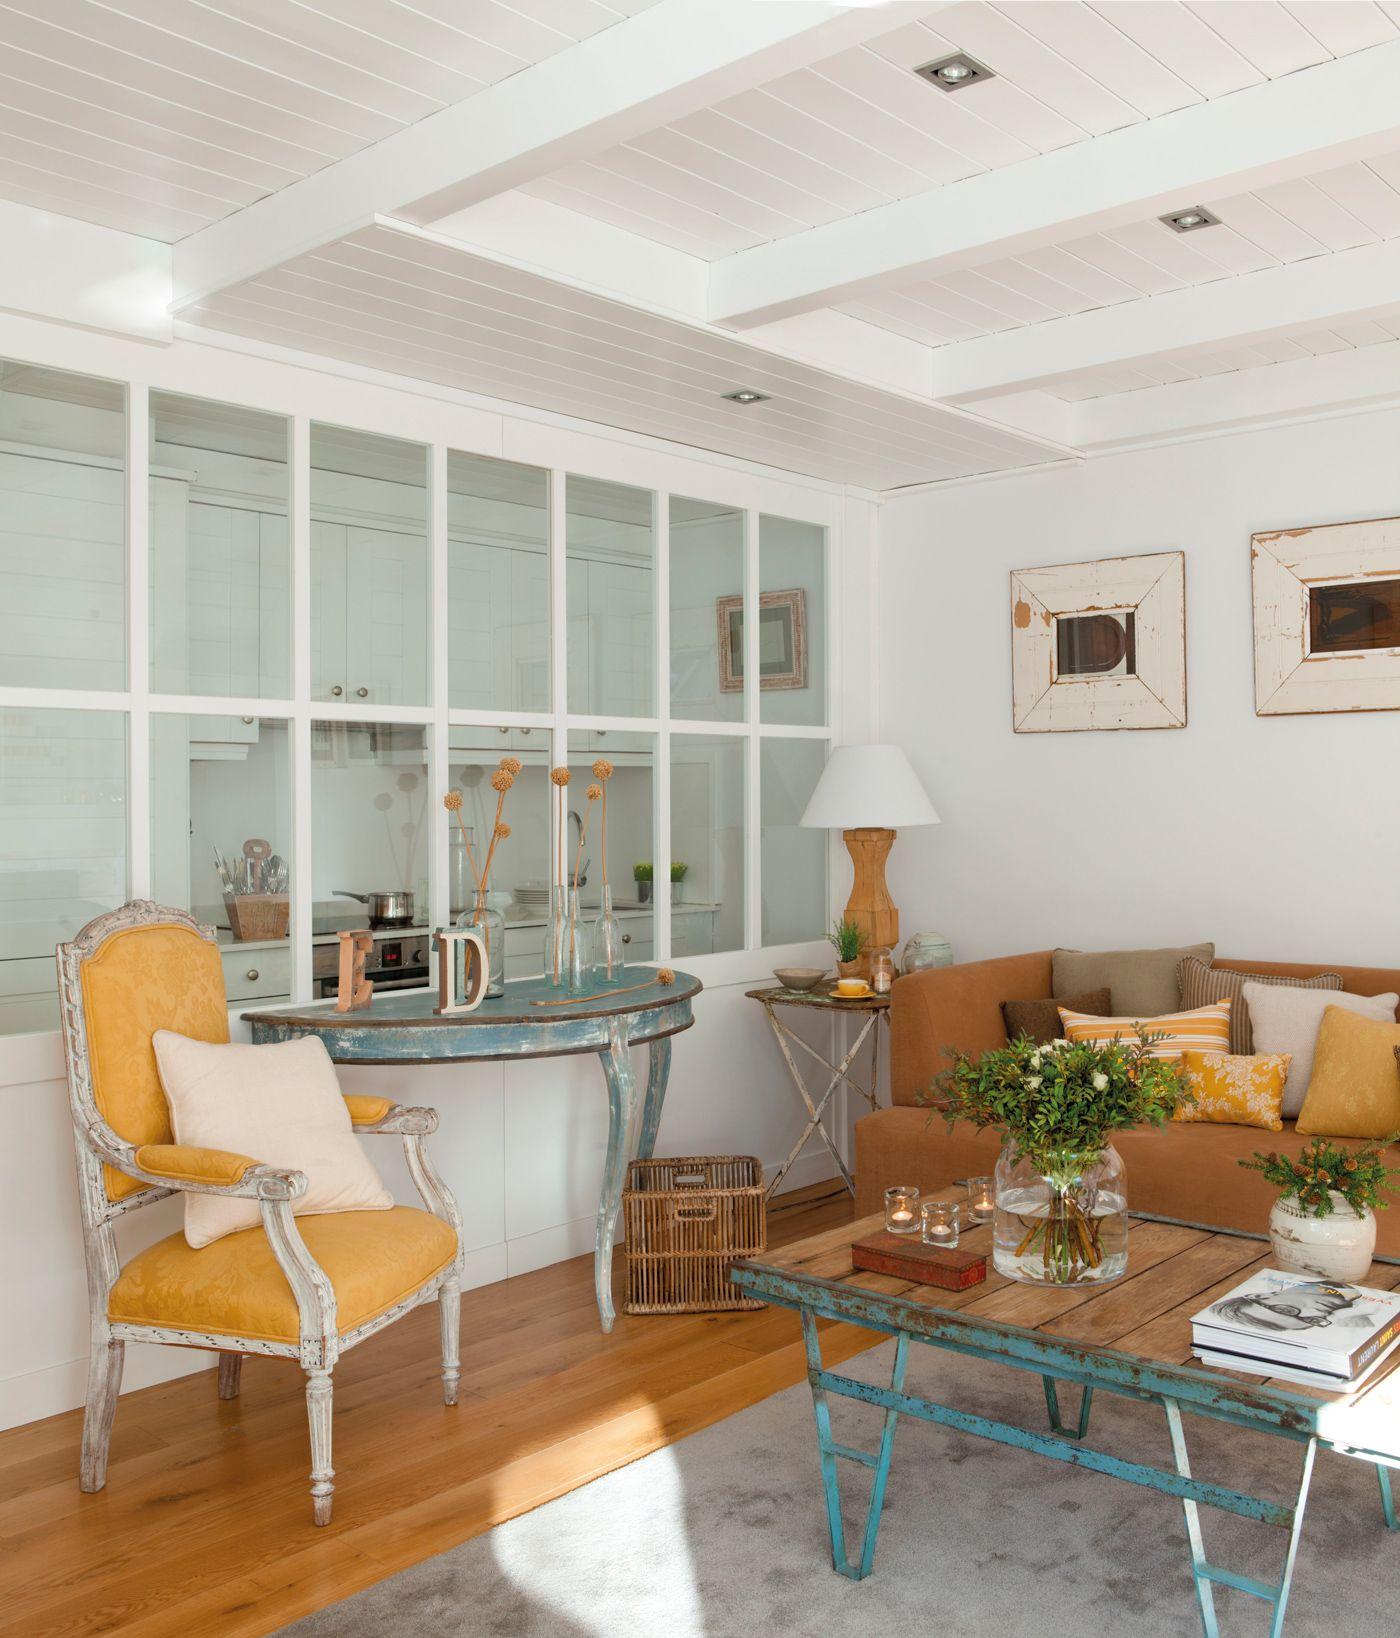 00361608. Salón con pequeñas ventanas a la cocina_00361608   Cocina ...